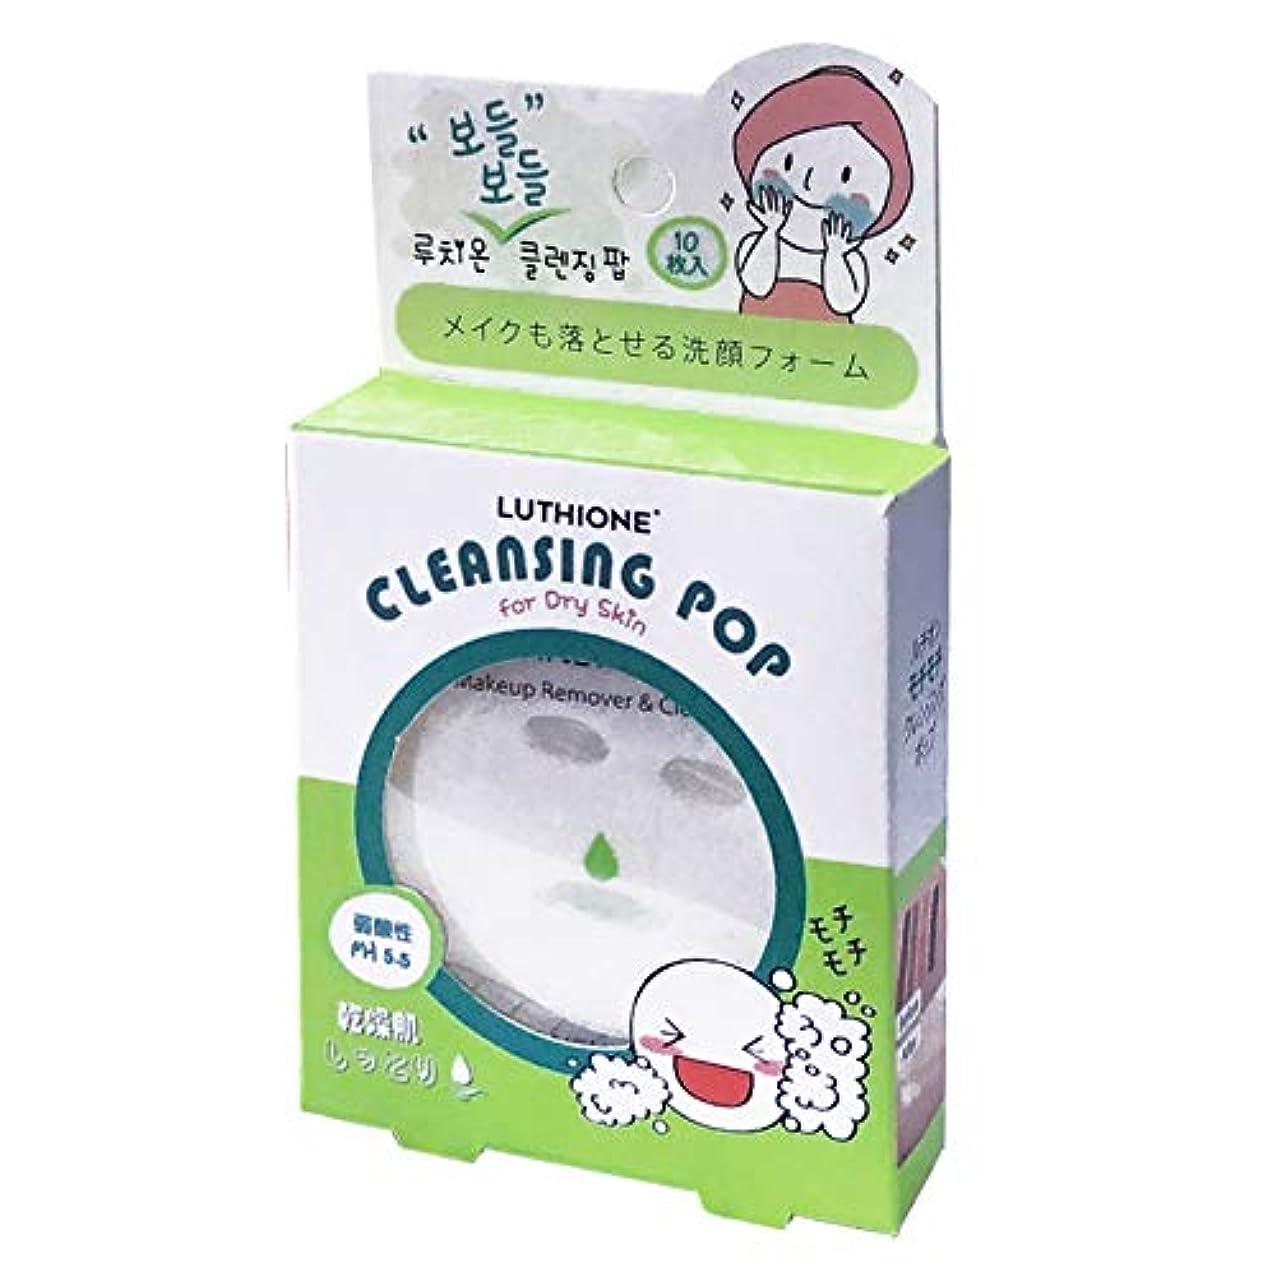 出席するパイ年金【まとめ買い】ルチオン クレンジングポップ (LUTHIONE CLEANSING POP) 乾燥肌 10枚入り ×6個